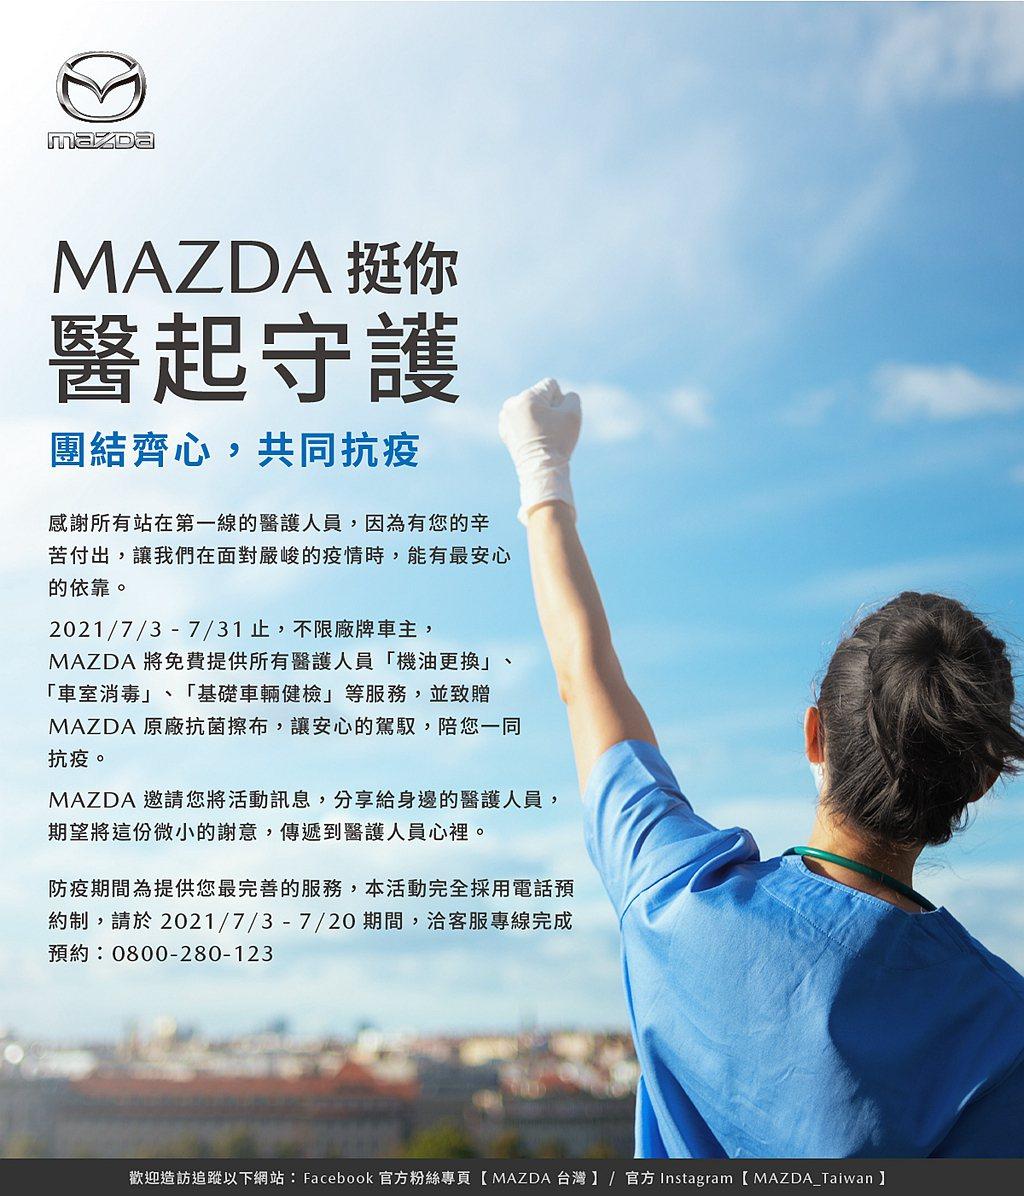 前線有醫護人員守護全民健康,Mazda則期望能做醫護人員的堅強後盾。維繫良好的車...